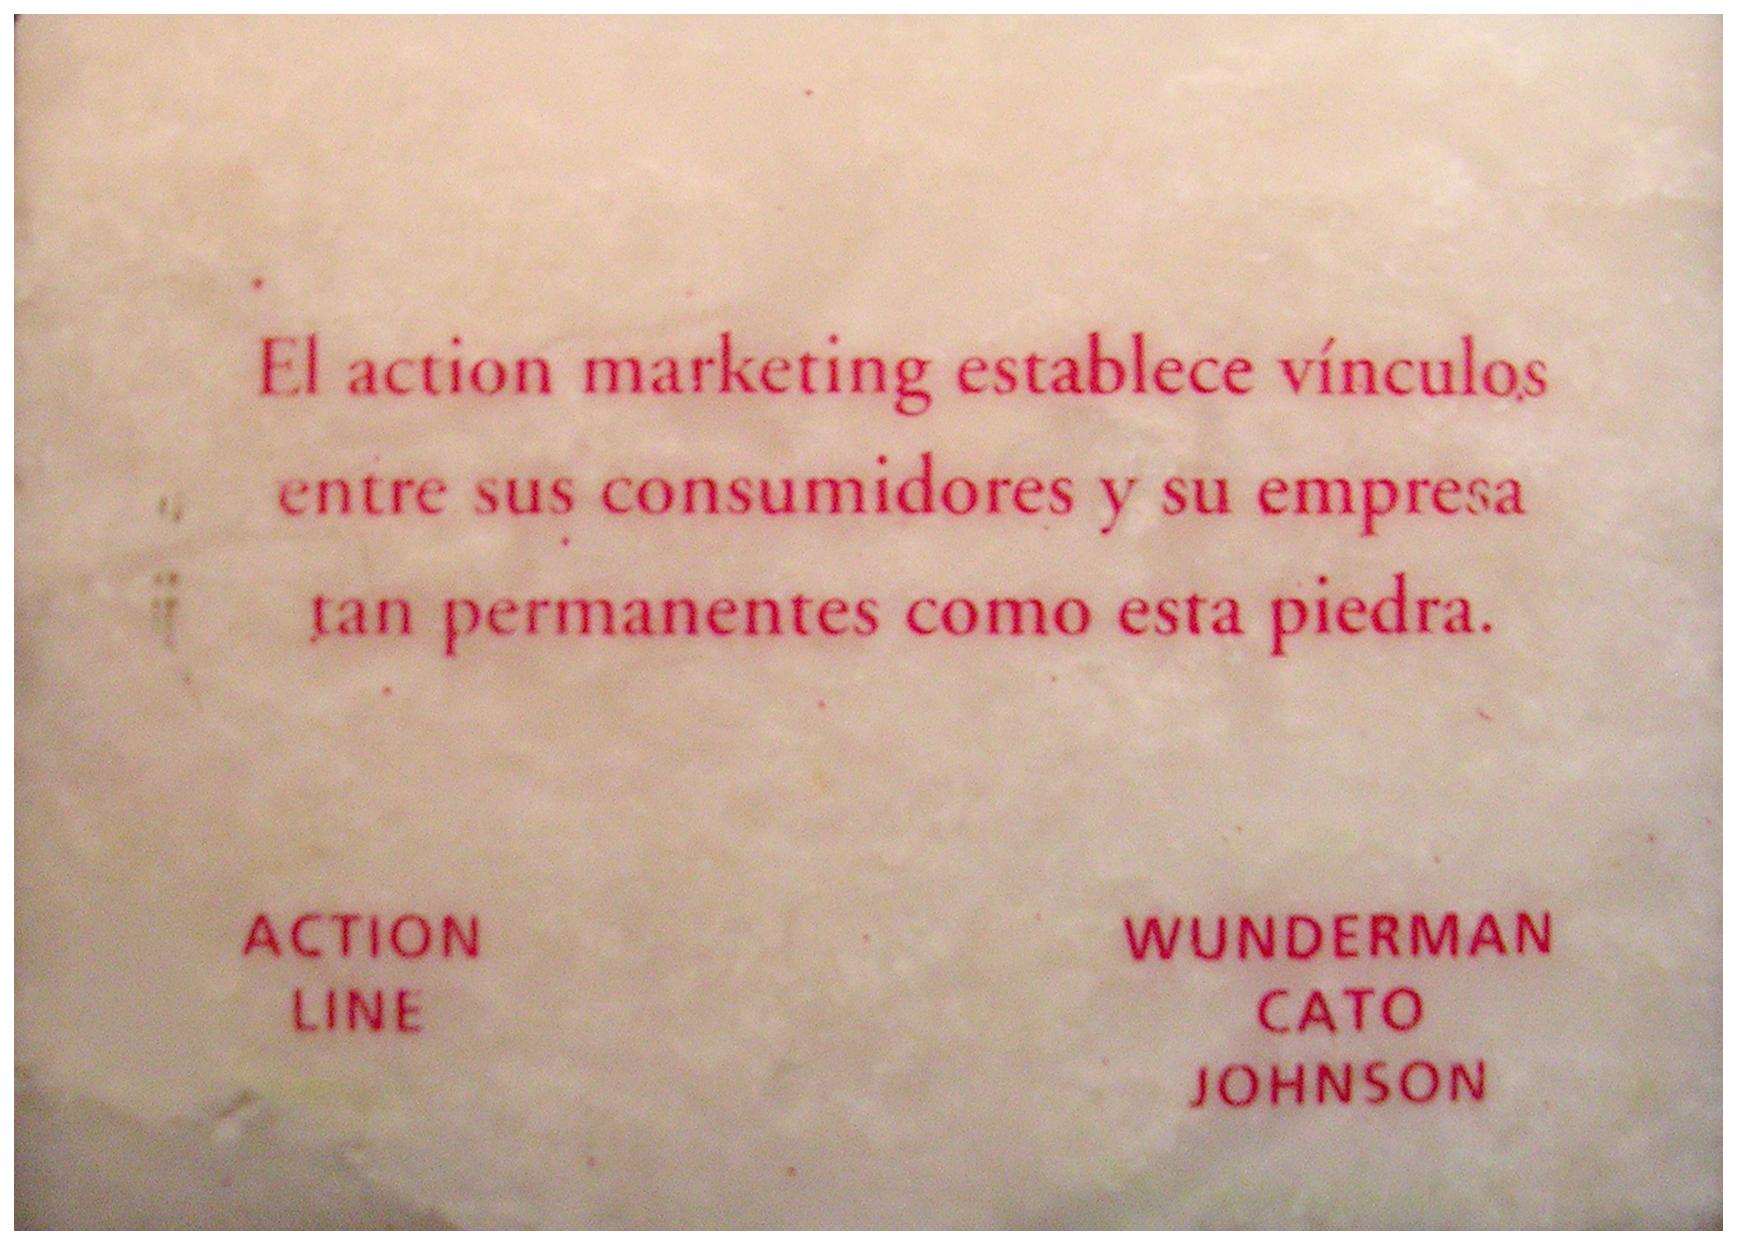 Wunderman Cato Johnson  mármol impreso 7 x 10 x 2cm_1995